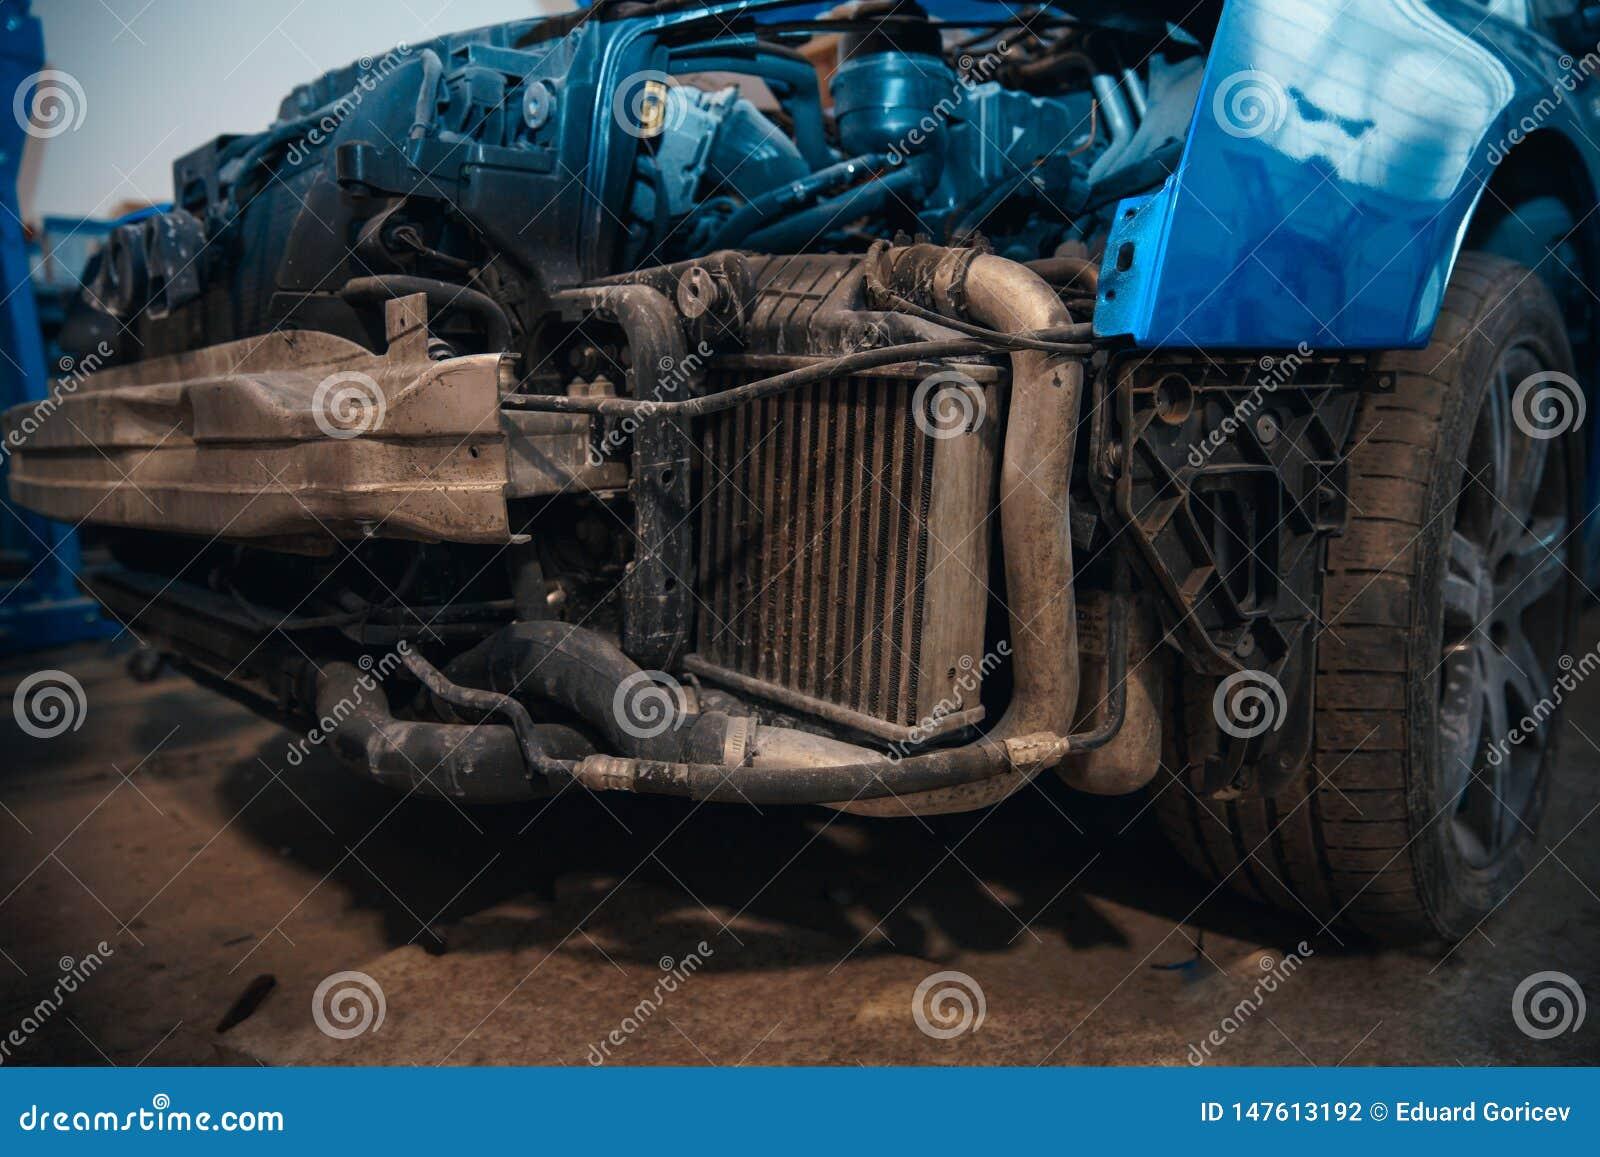 Αυτοκίνητο επισκευής και ελέγχου στο κατάστημα επισκευής Ένας πεπειραμένος τεχνικός επισκευάζει το ελαττωματικό μέρος του αυτοκιν